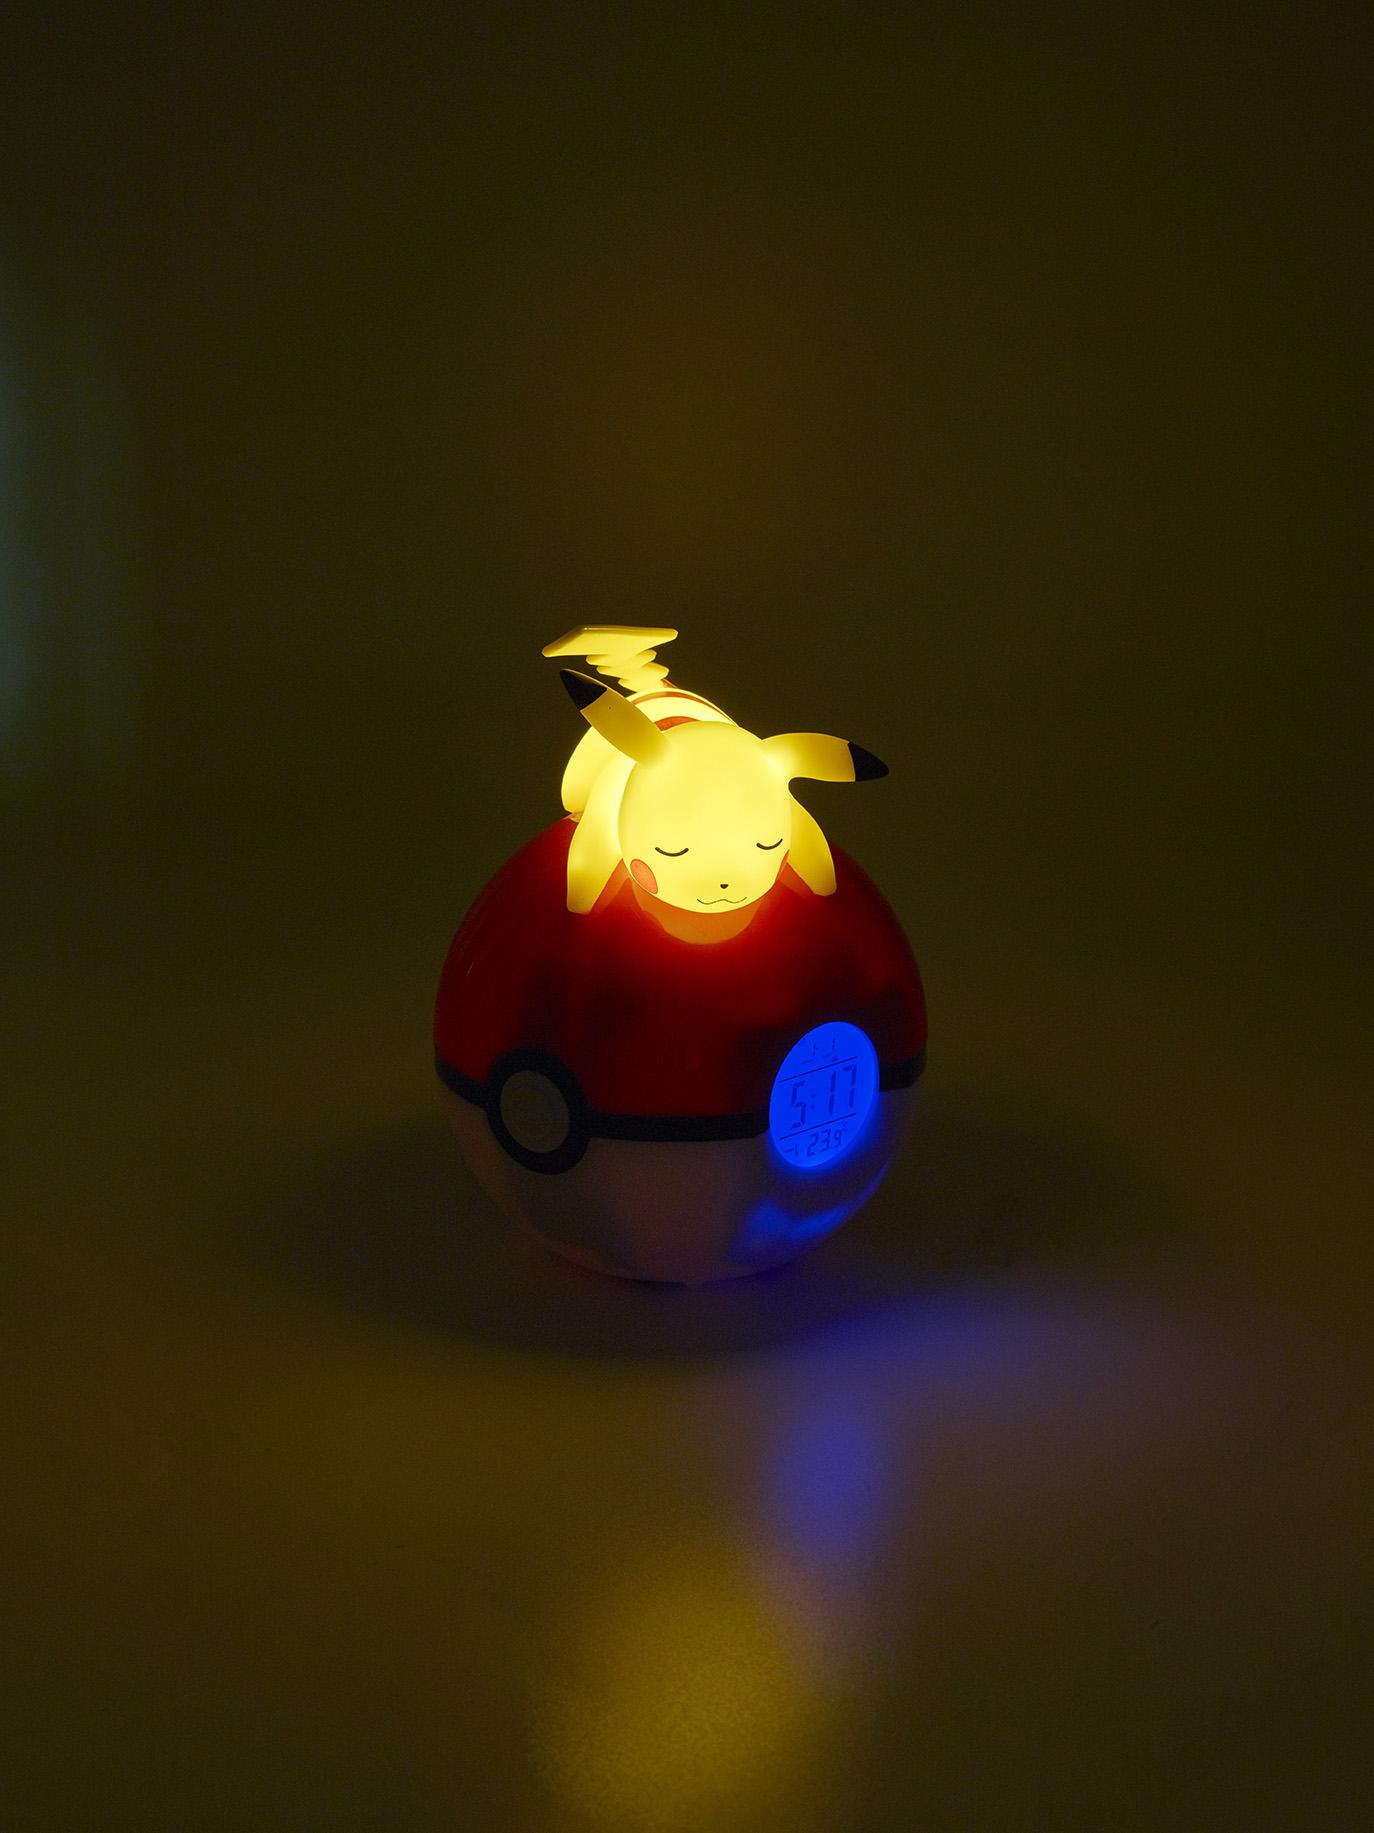 Pokémon Pikachu night light and alarm clock 4